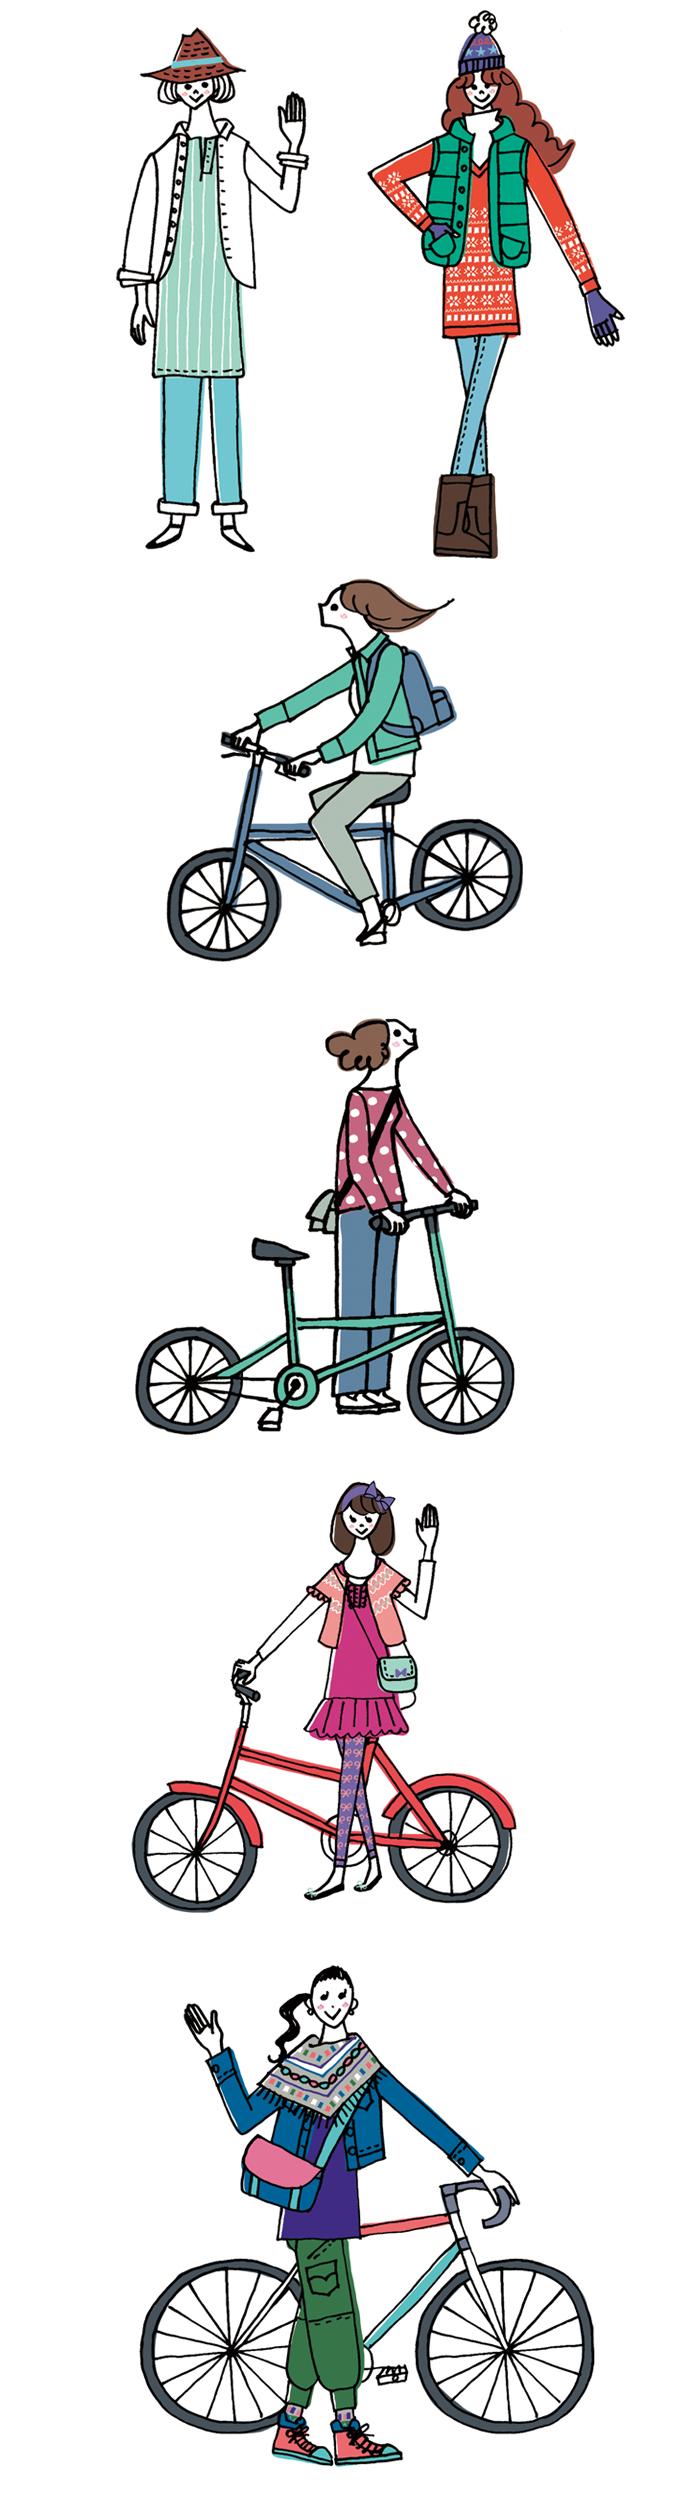 book_bike_lg